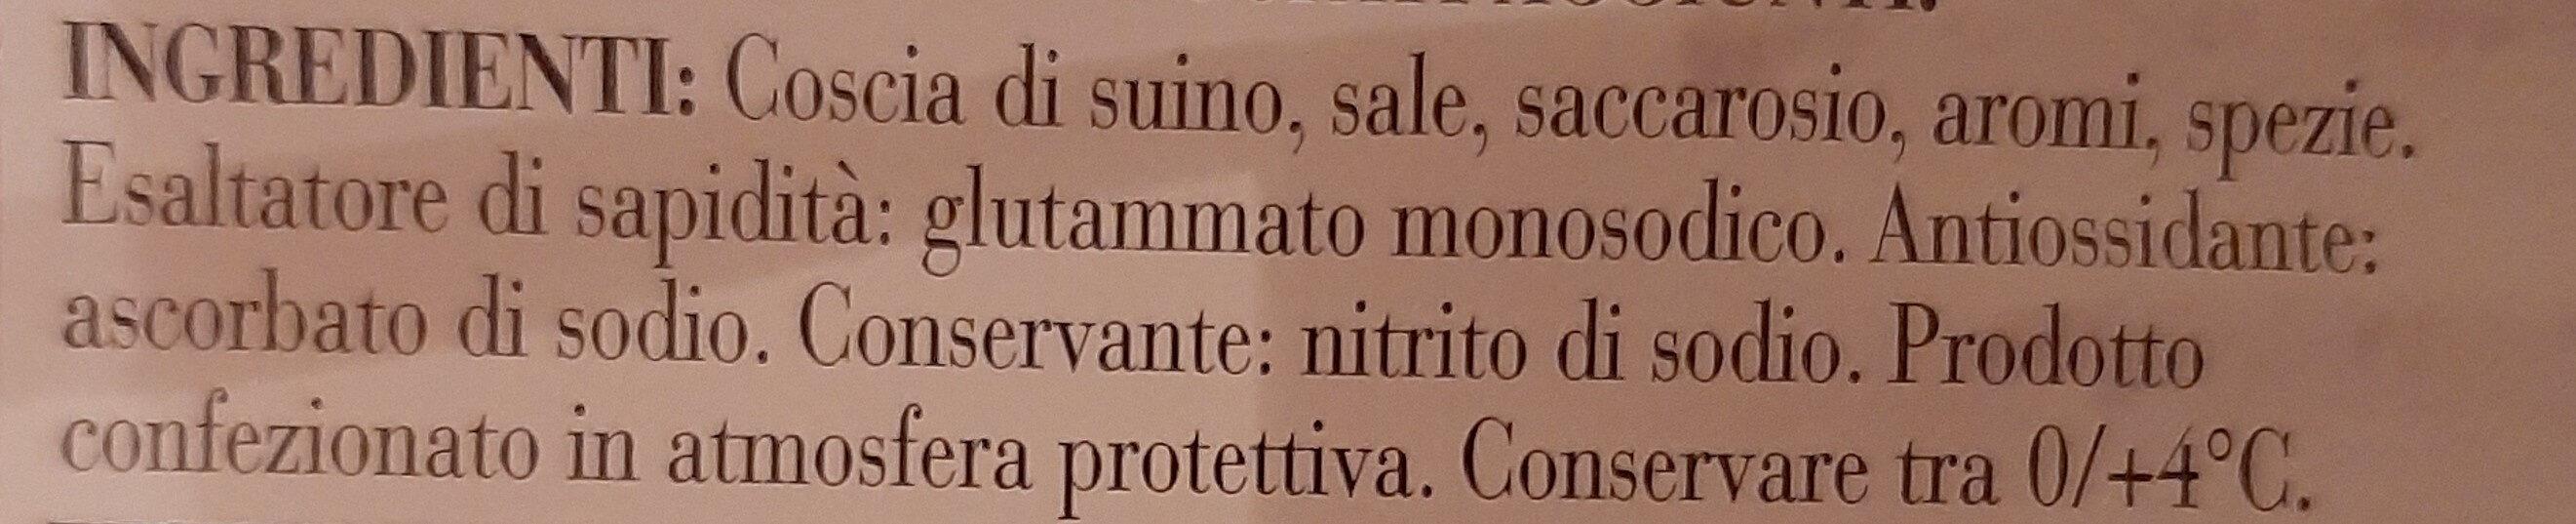 Prosciutto Cotto Ferrarini - Ingredienti - it